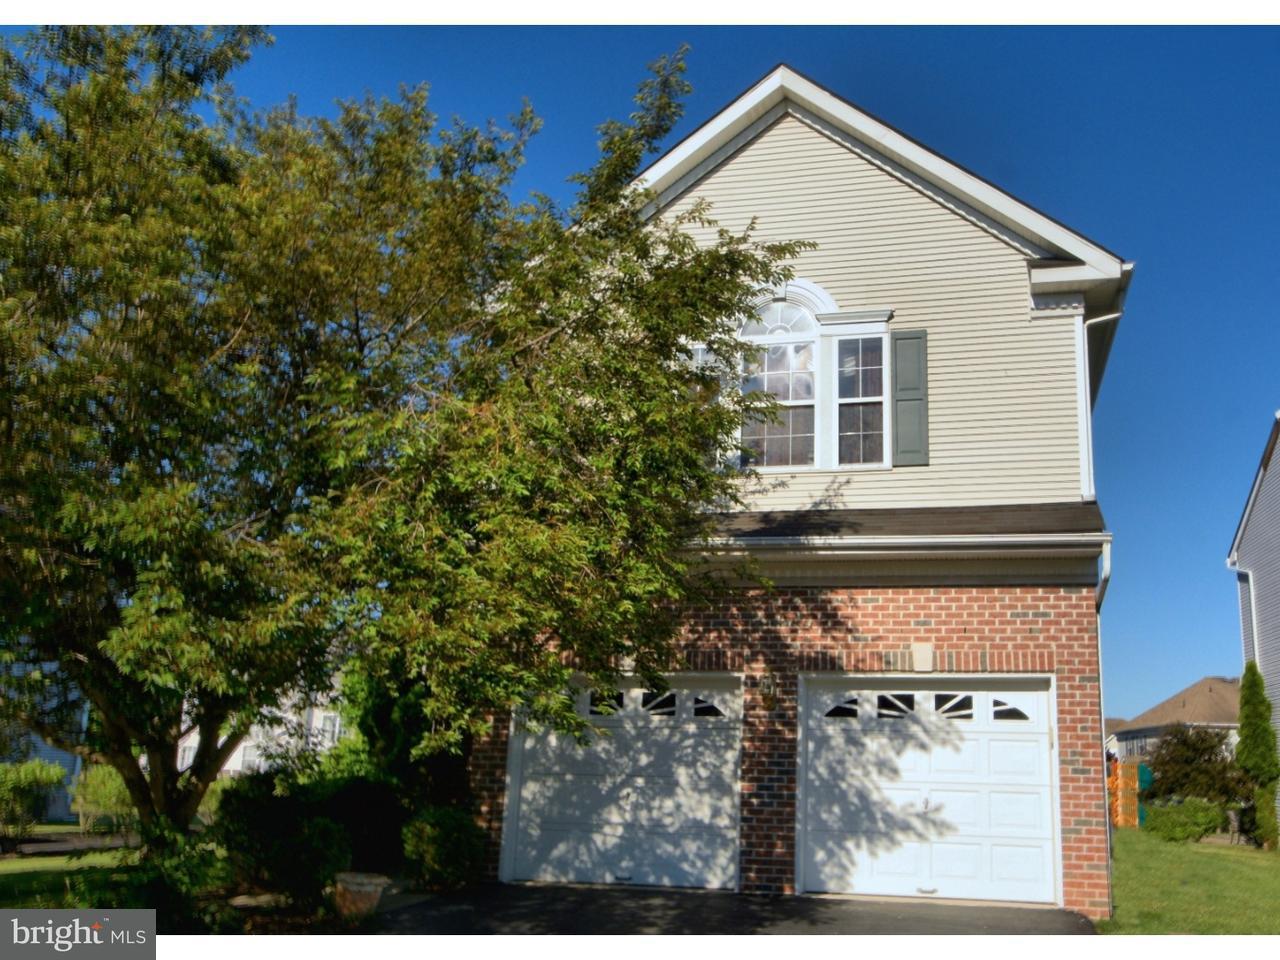 Maison unifamiliale pour l à louer à 31 FOUNTAYNE Lane Lawrenceville, New Jersey 08648 États-UnisDans/Autour: Lawrence Township